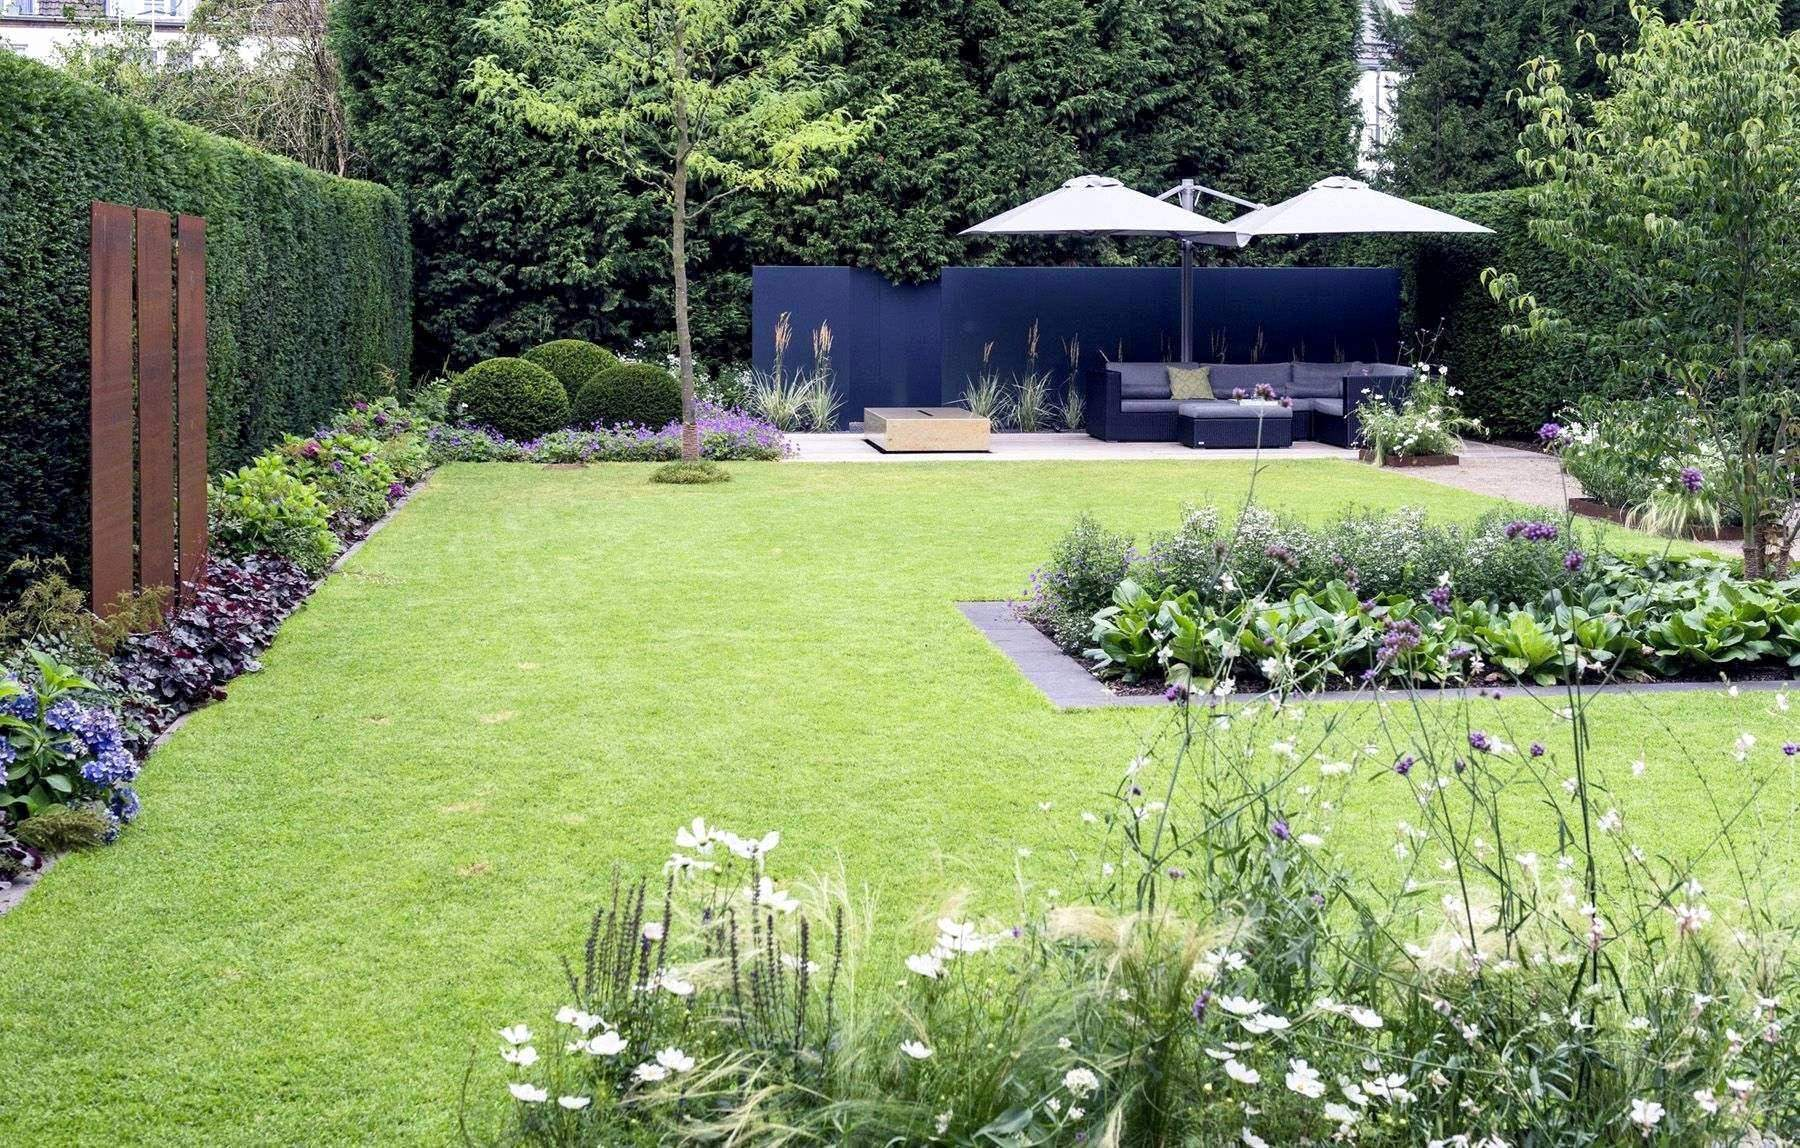 Tolle Ideen Für Den Garten Elegant 25 Reizend Gartengestaltung Für Kleine Gärten Genial